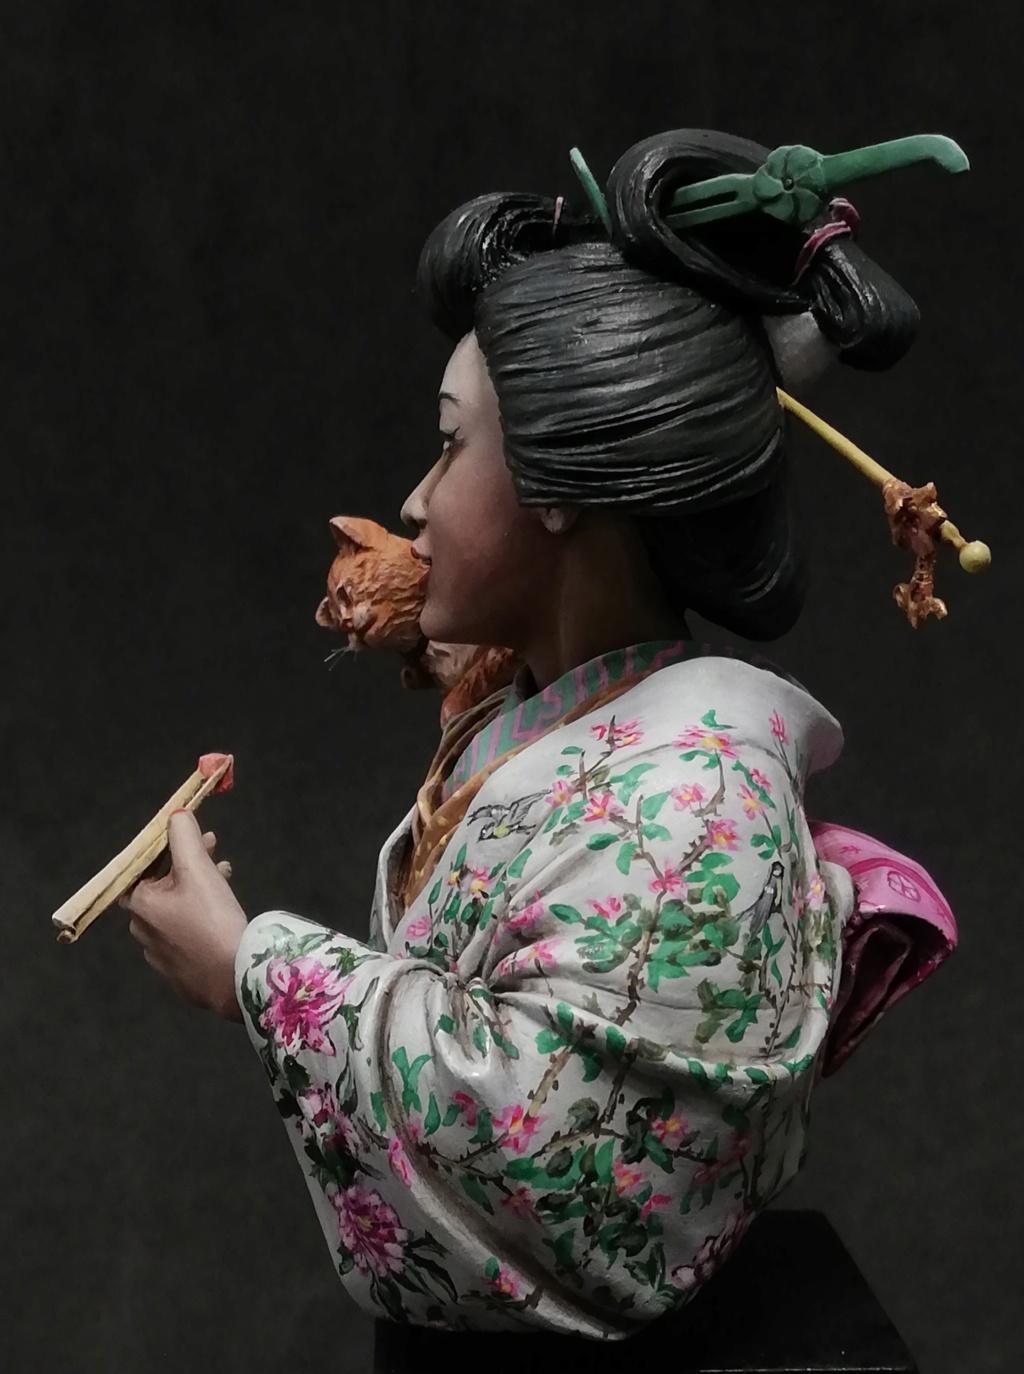 Buste de Geisha terminée - Dernières photos - Page 2 Geisha40